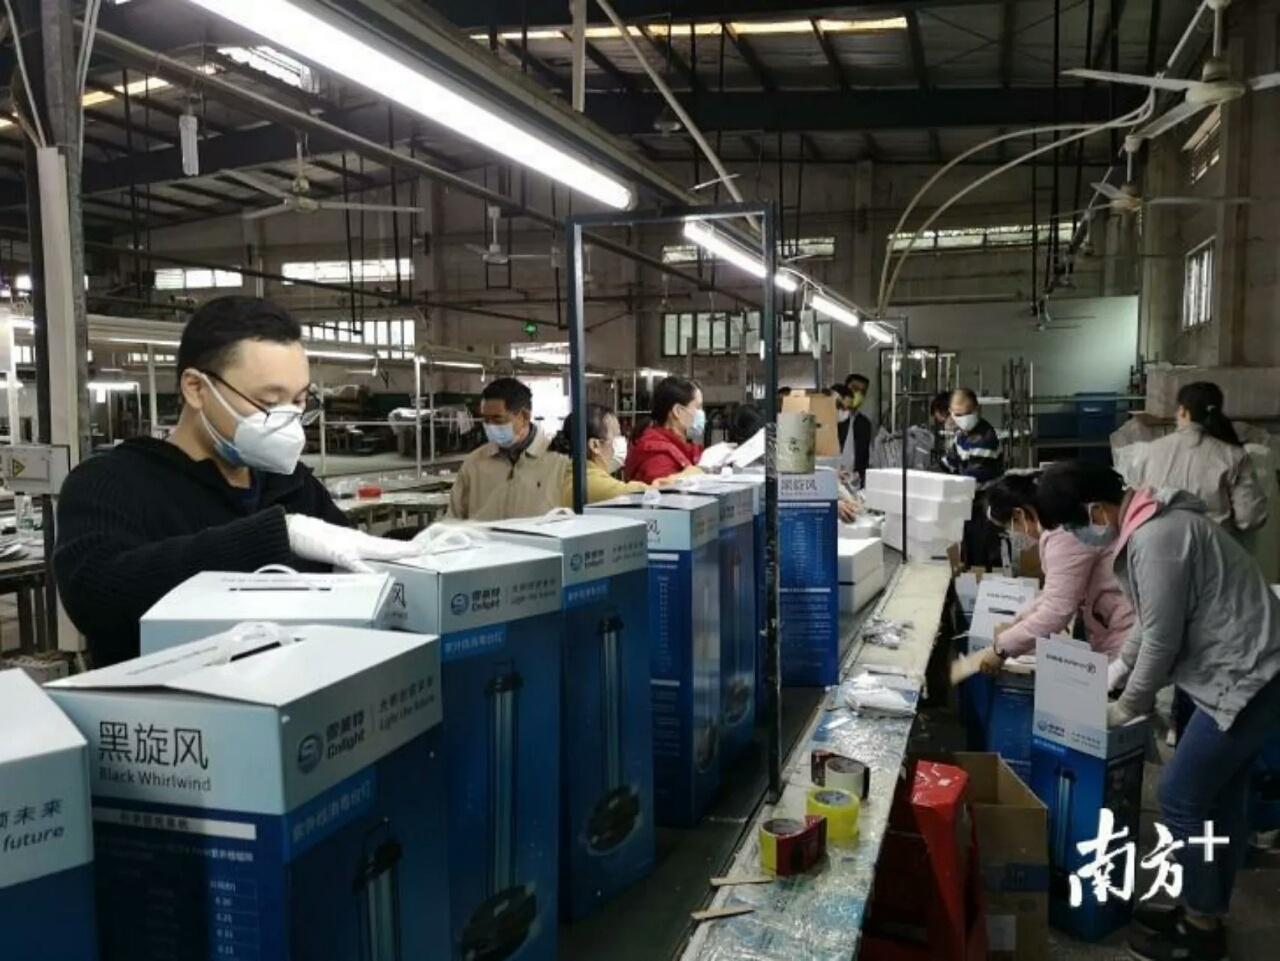 雪莱特生产车间,工作人员正加快制作紫外线消毒灯。